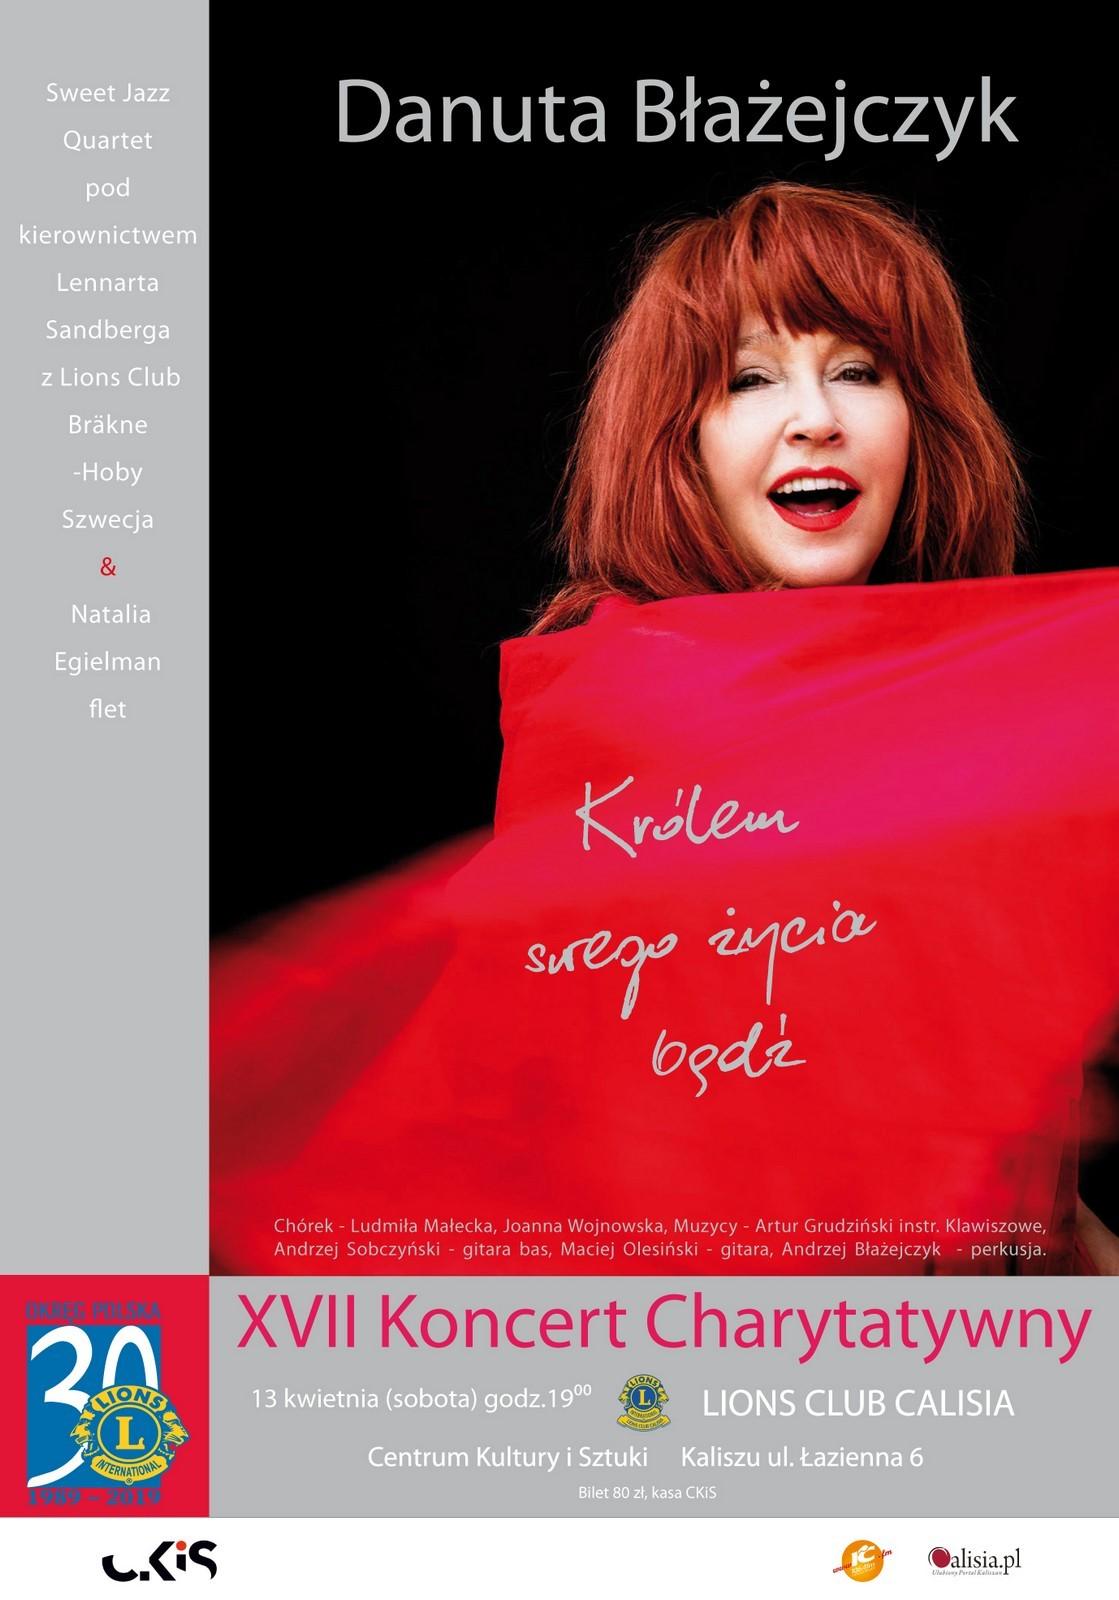 XVII Koncert Charytatywny Lions Club Calisia – Danuta Błażejczyk